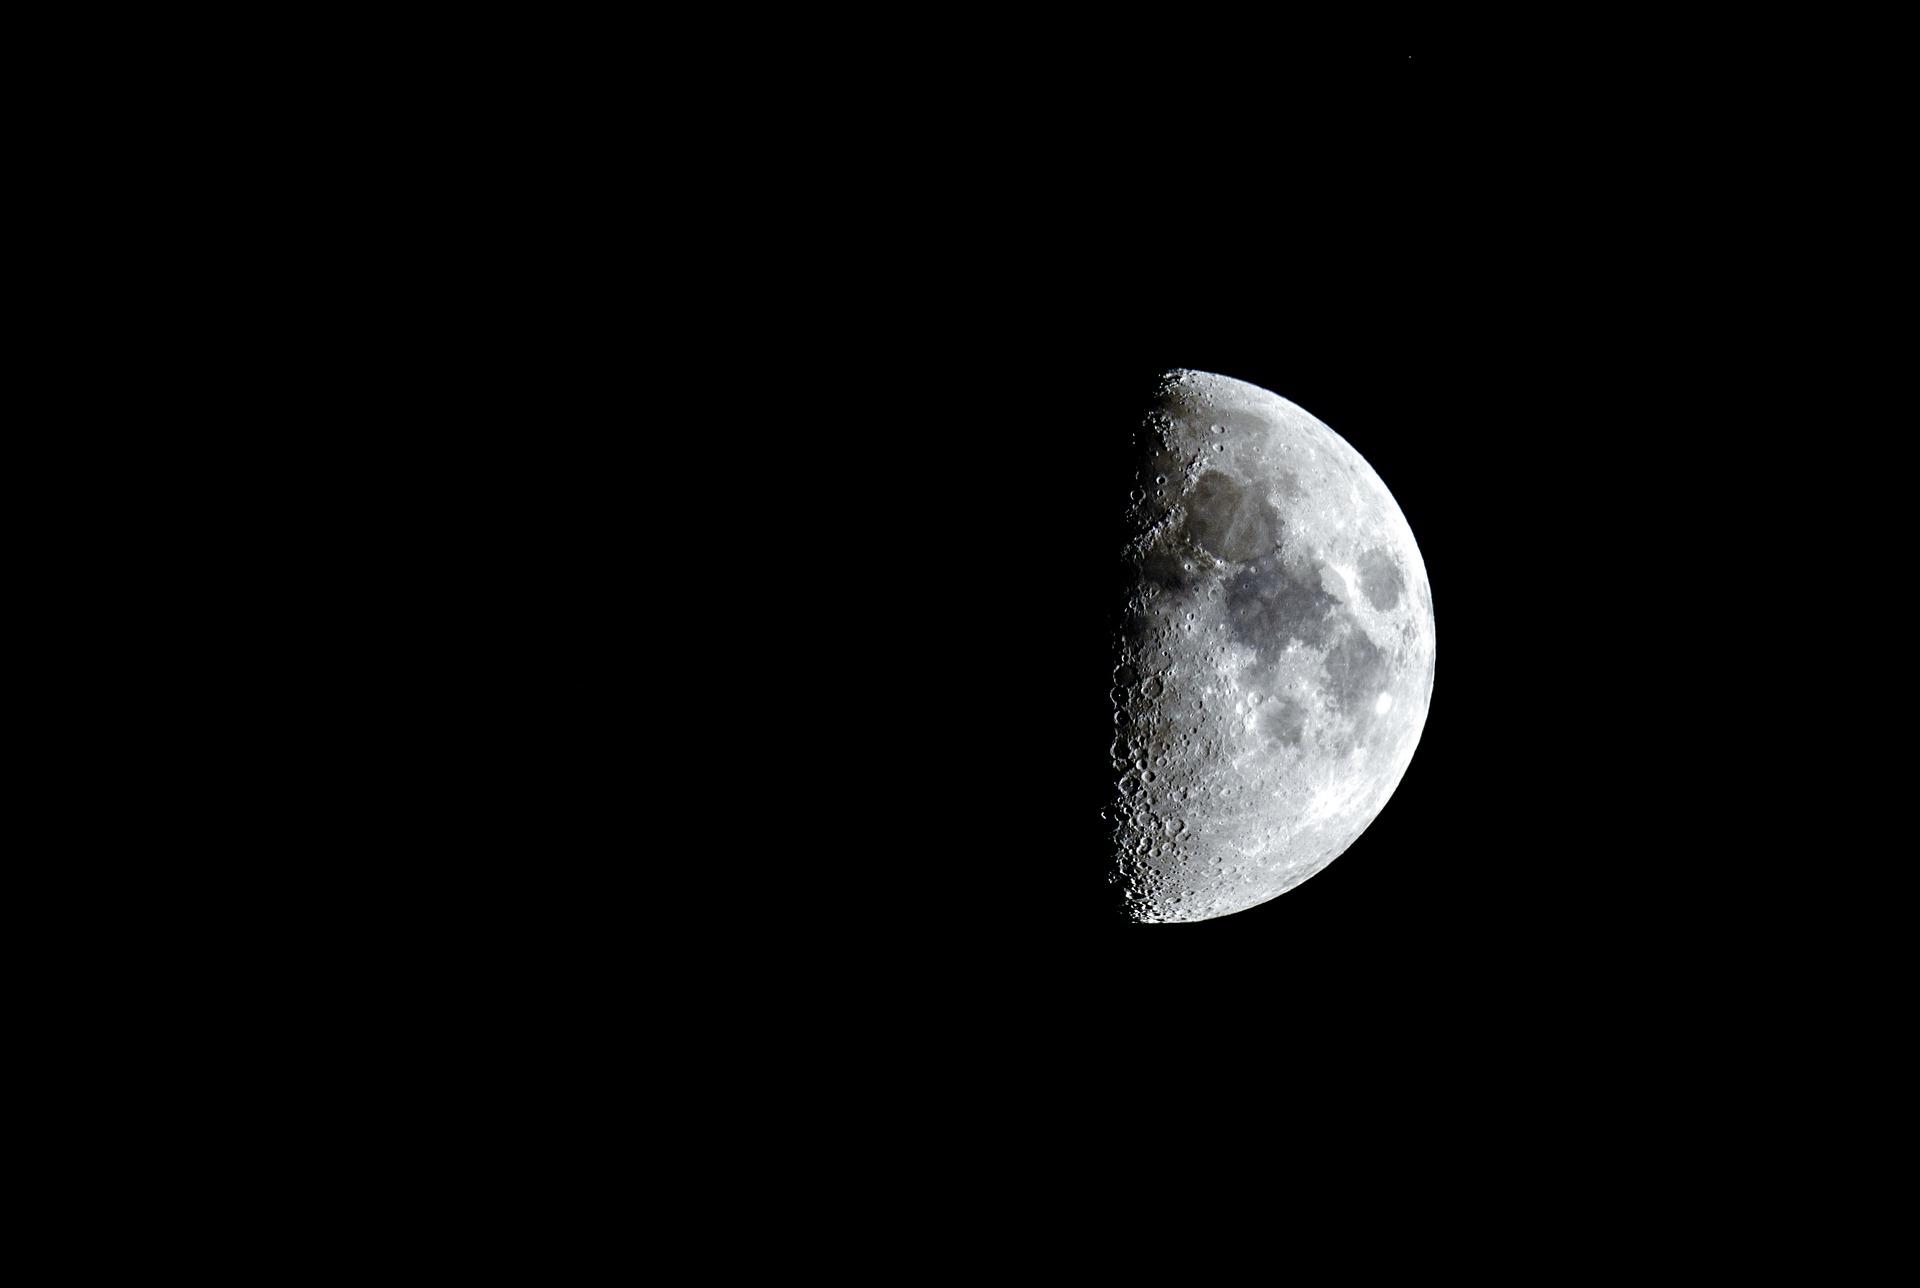 【2020年】月面X(ゲツメンエックス)とは?いつ見ることができるのか